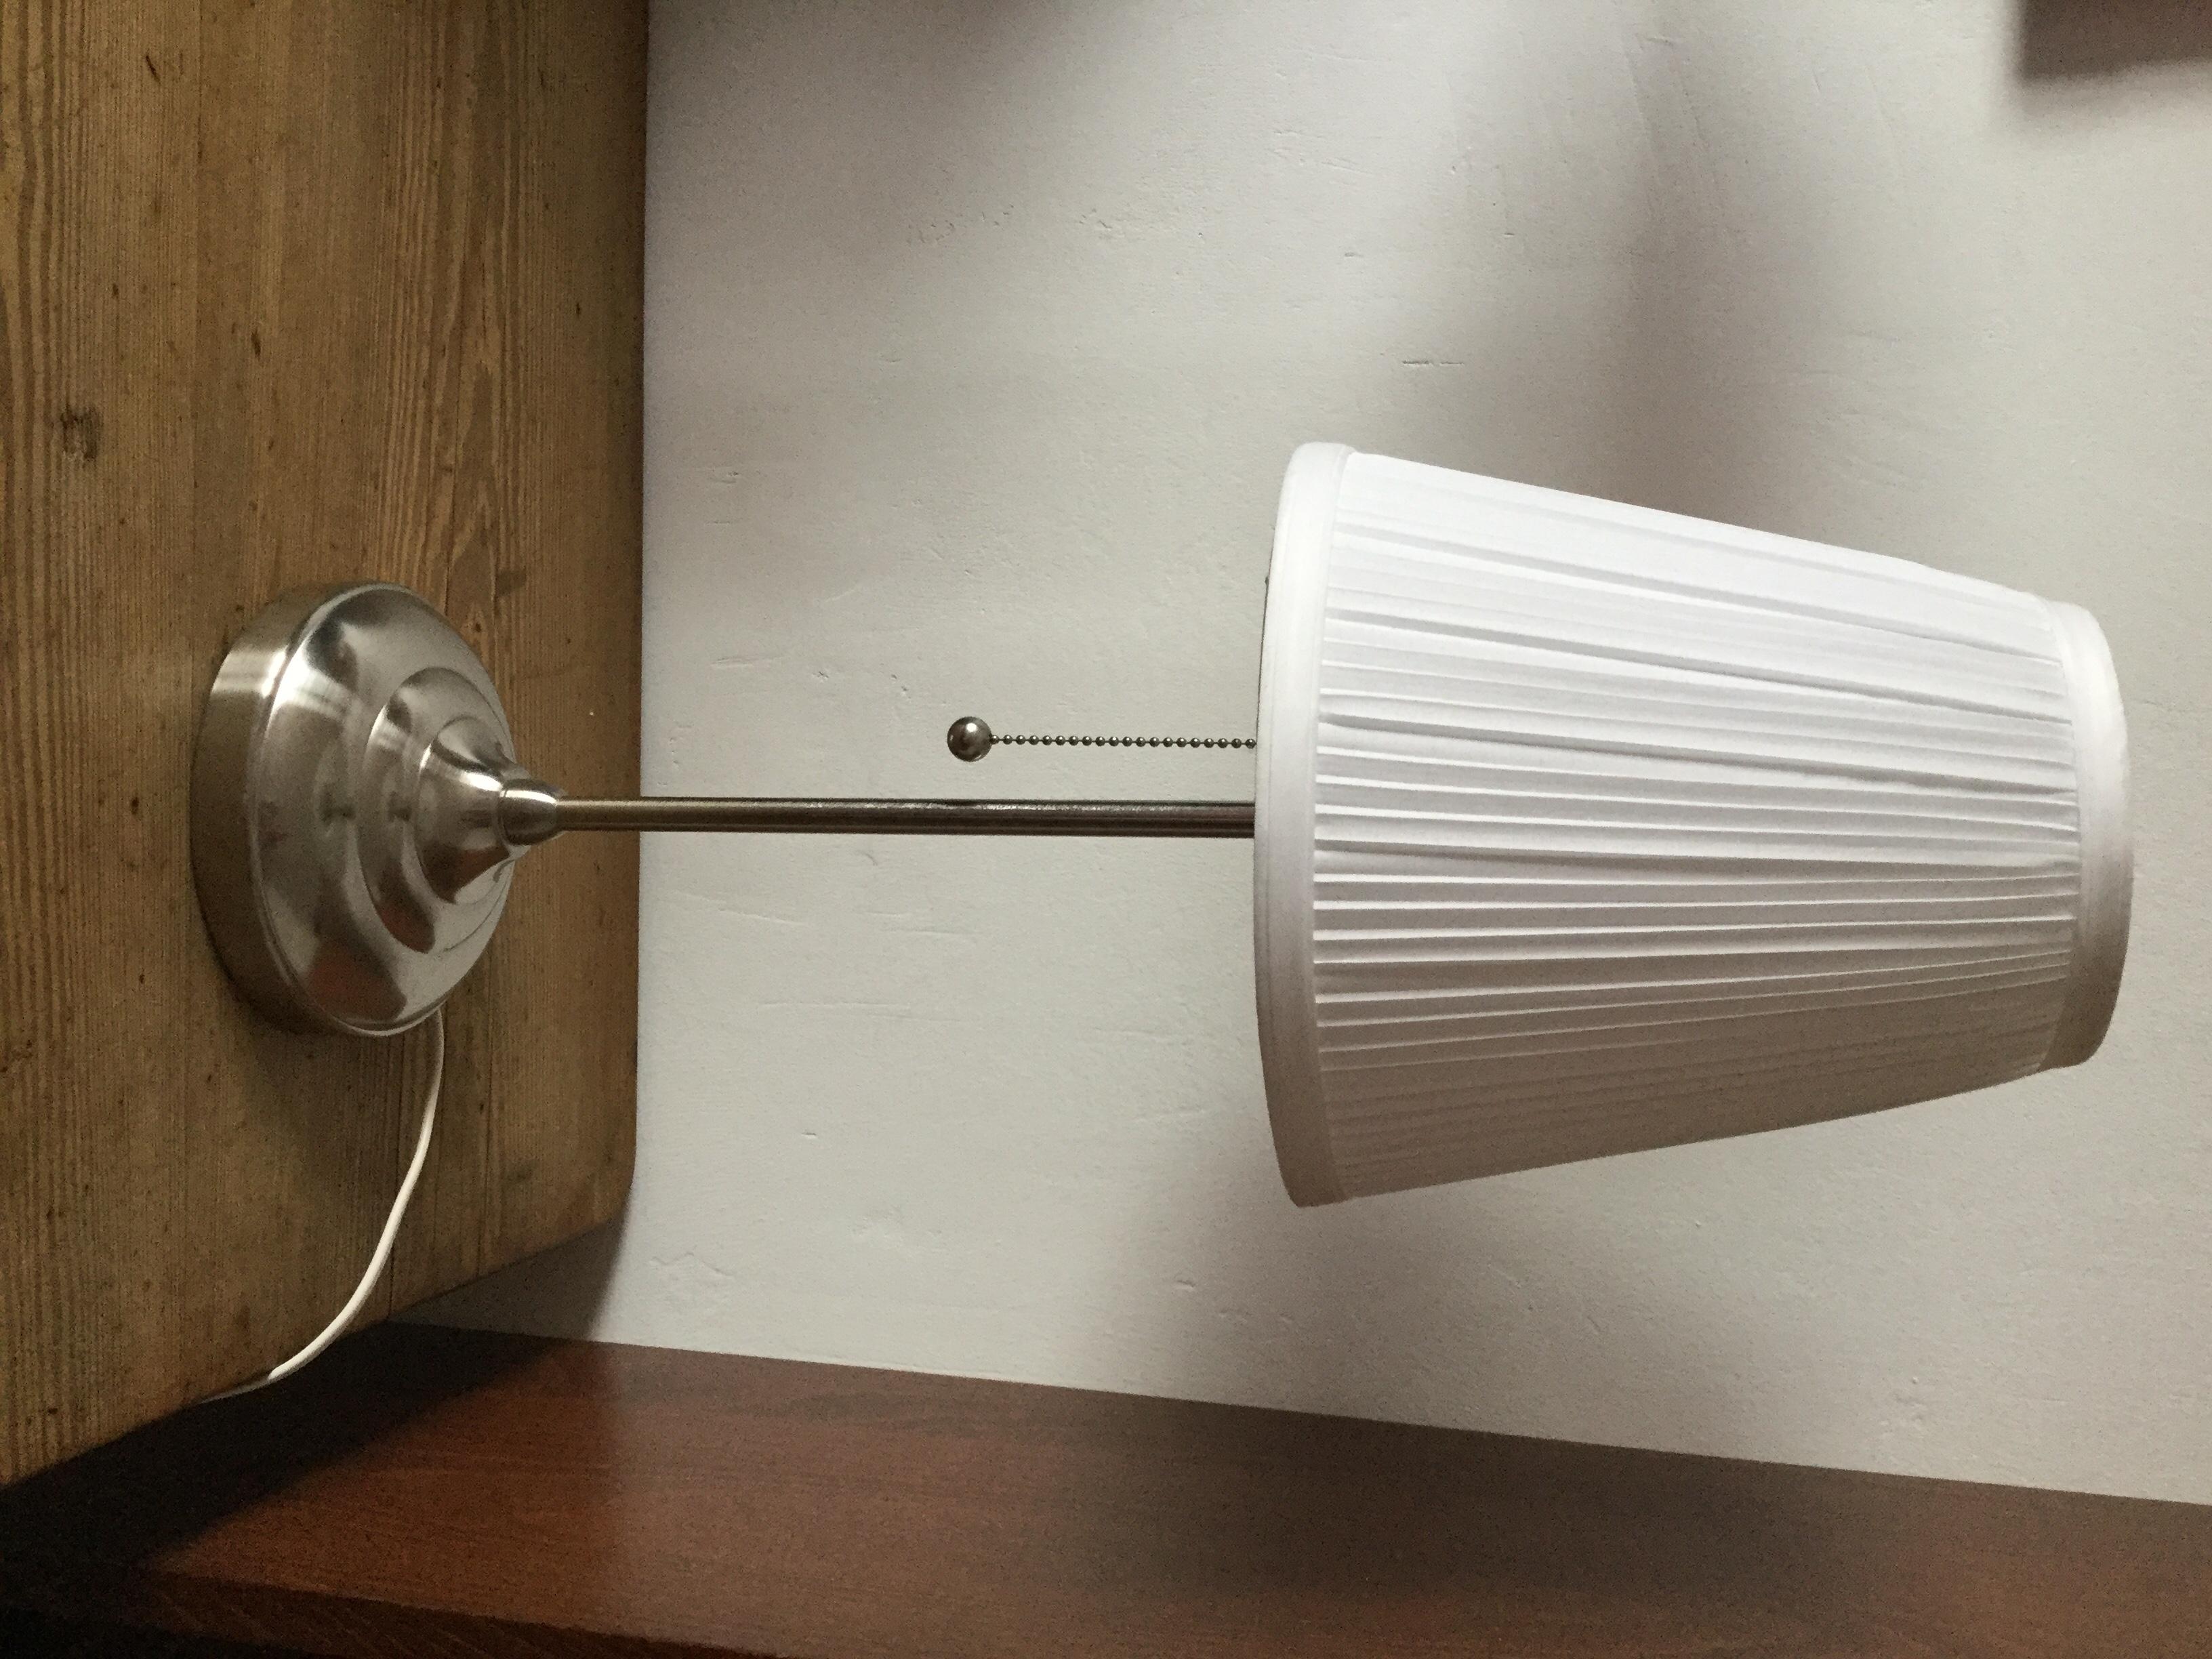 Vente Lampe OccasionAnnonce À Chevet Achetez Rouen76Wb158870541 rCxodeB